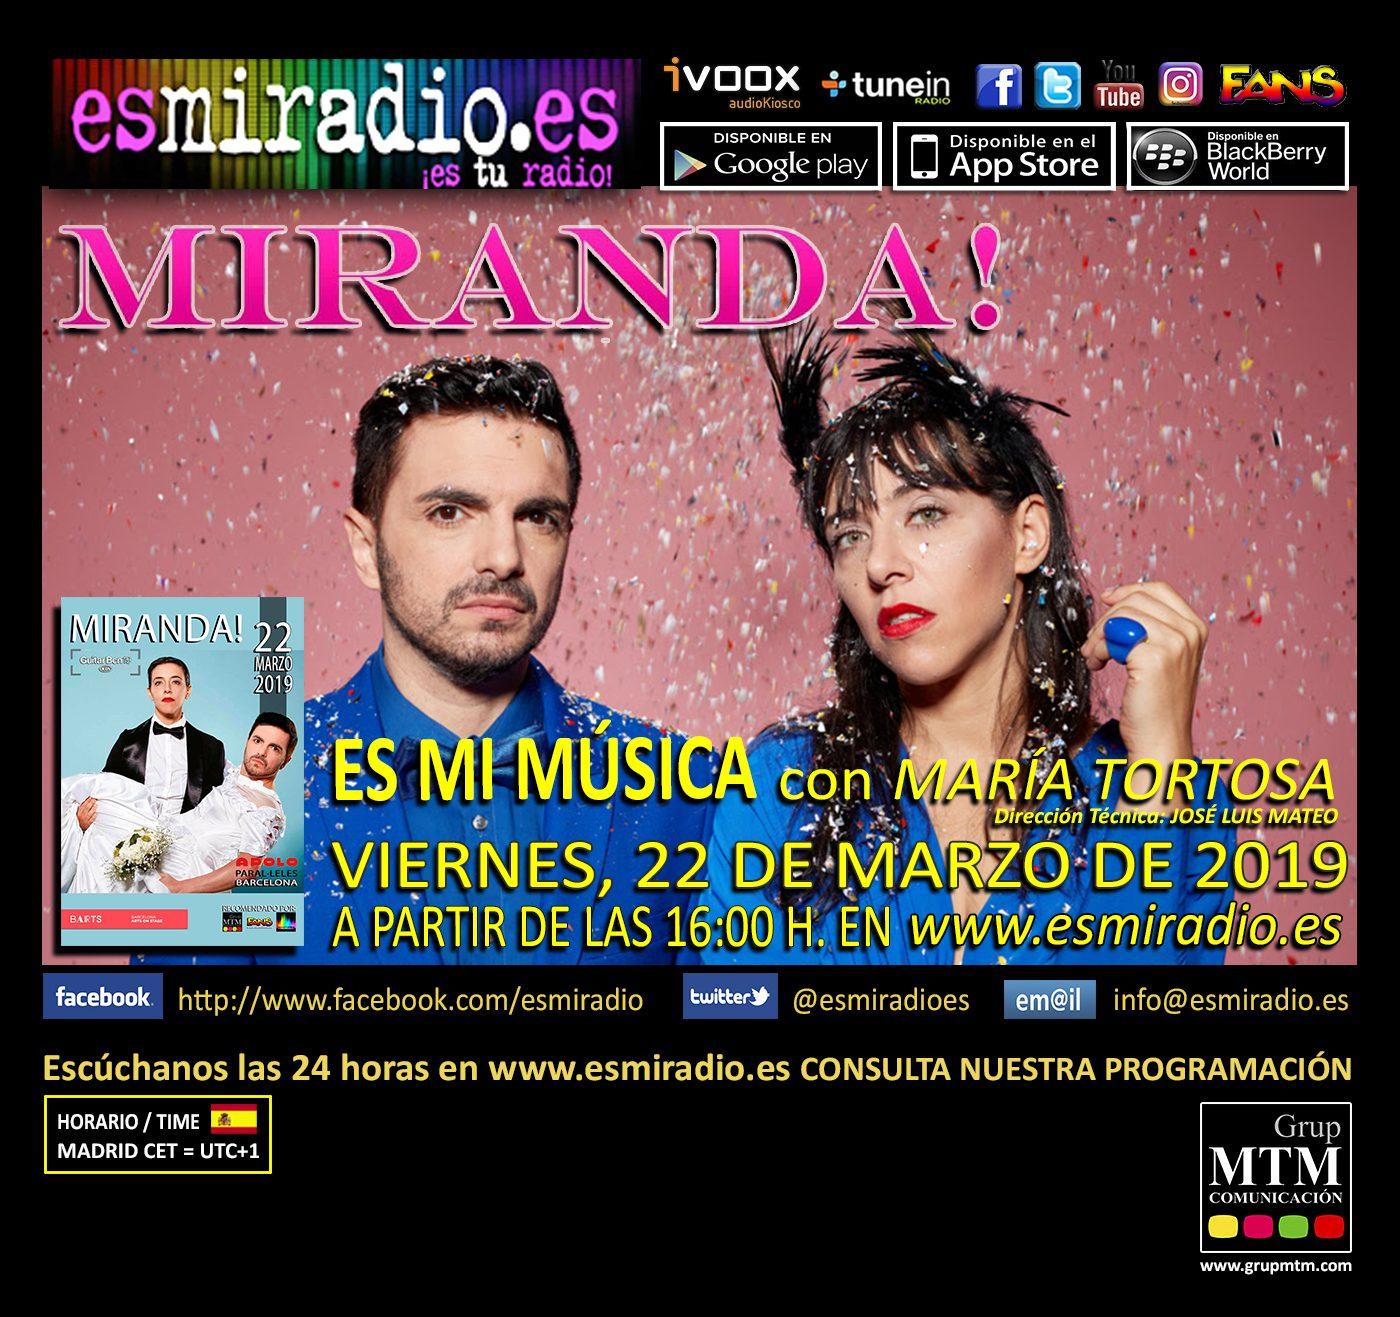 Miranda 22/03/19 esmiradio